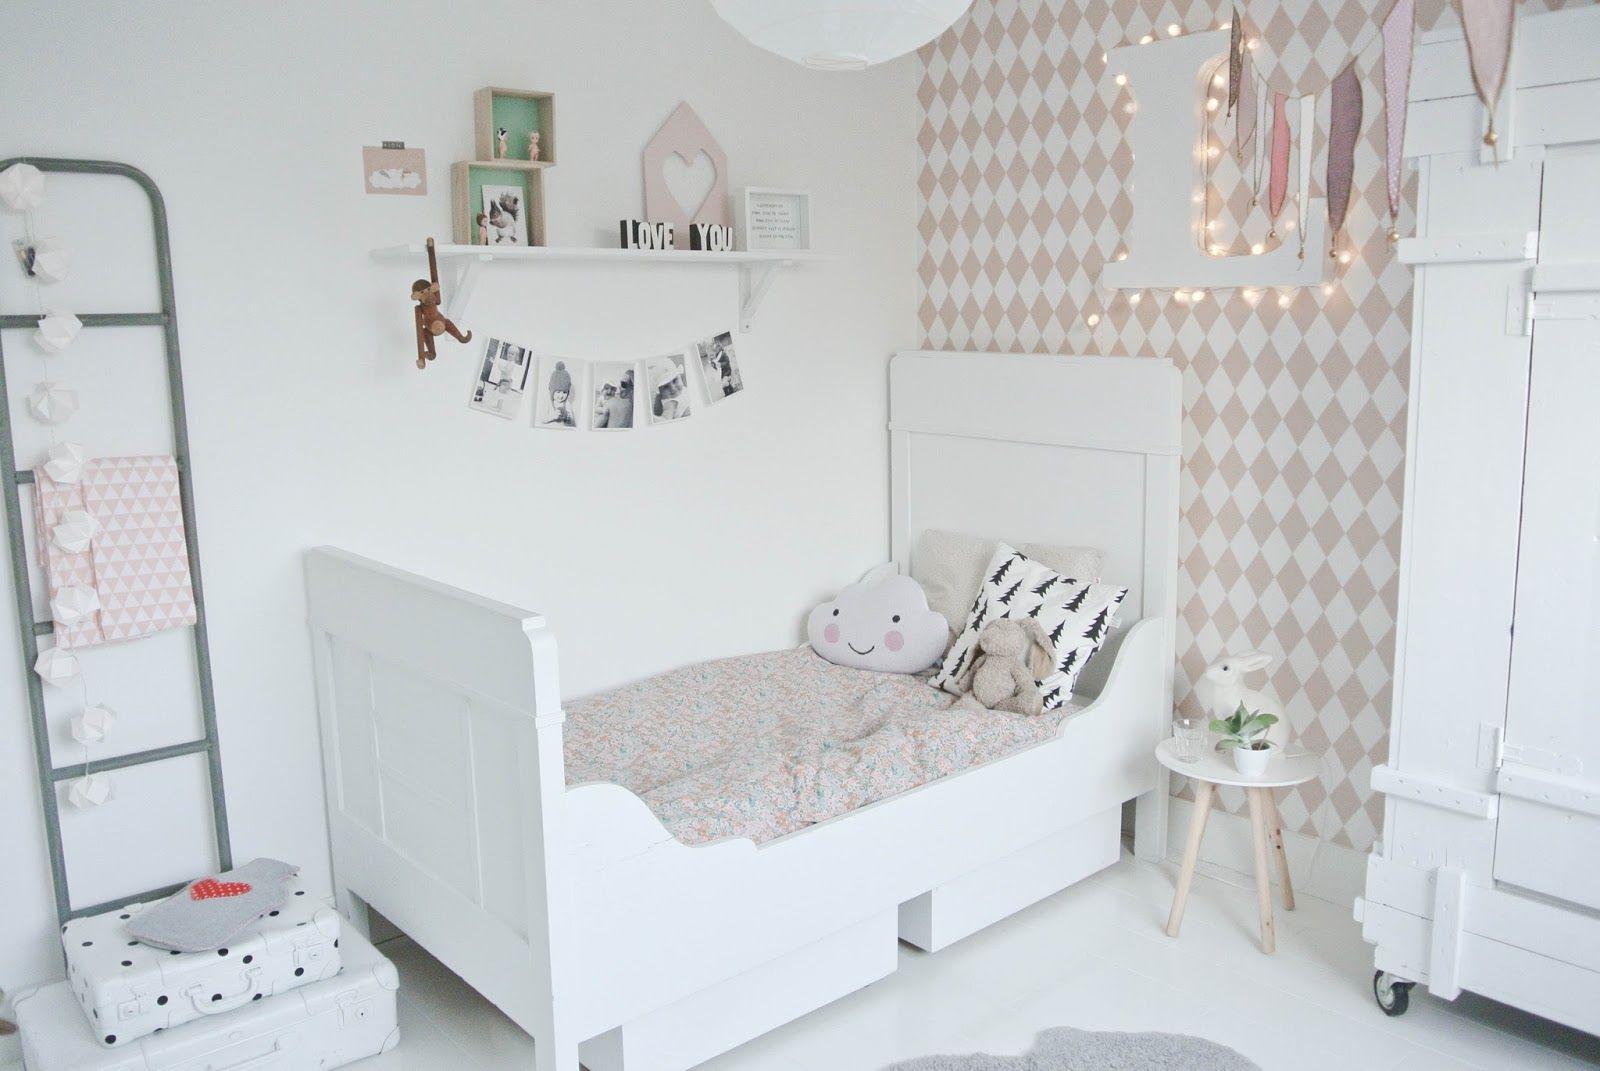 Behang Kinderkamer Scandinavisch : Make over lola s slaapkamer op t lekker fris met behang van